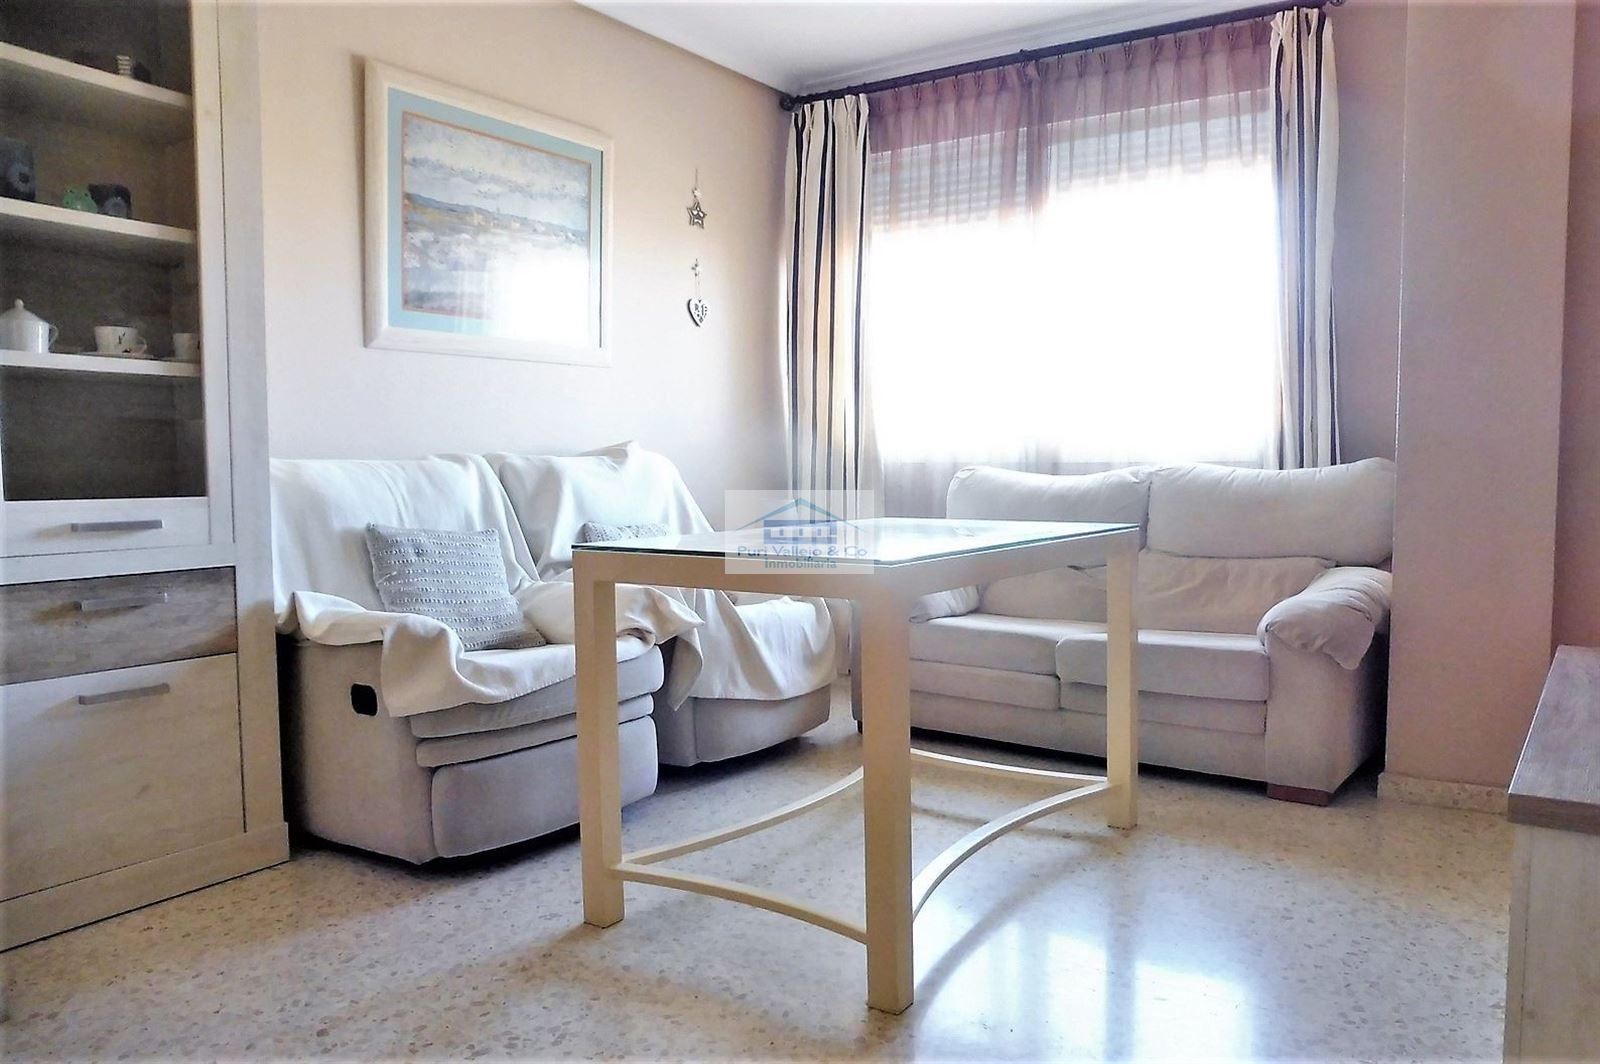 Alquiler amueblado con 3 dormitorios.